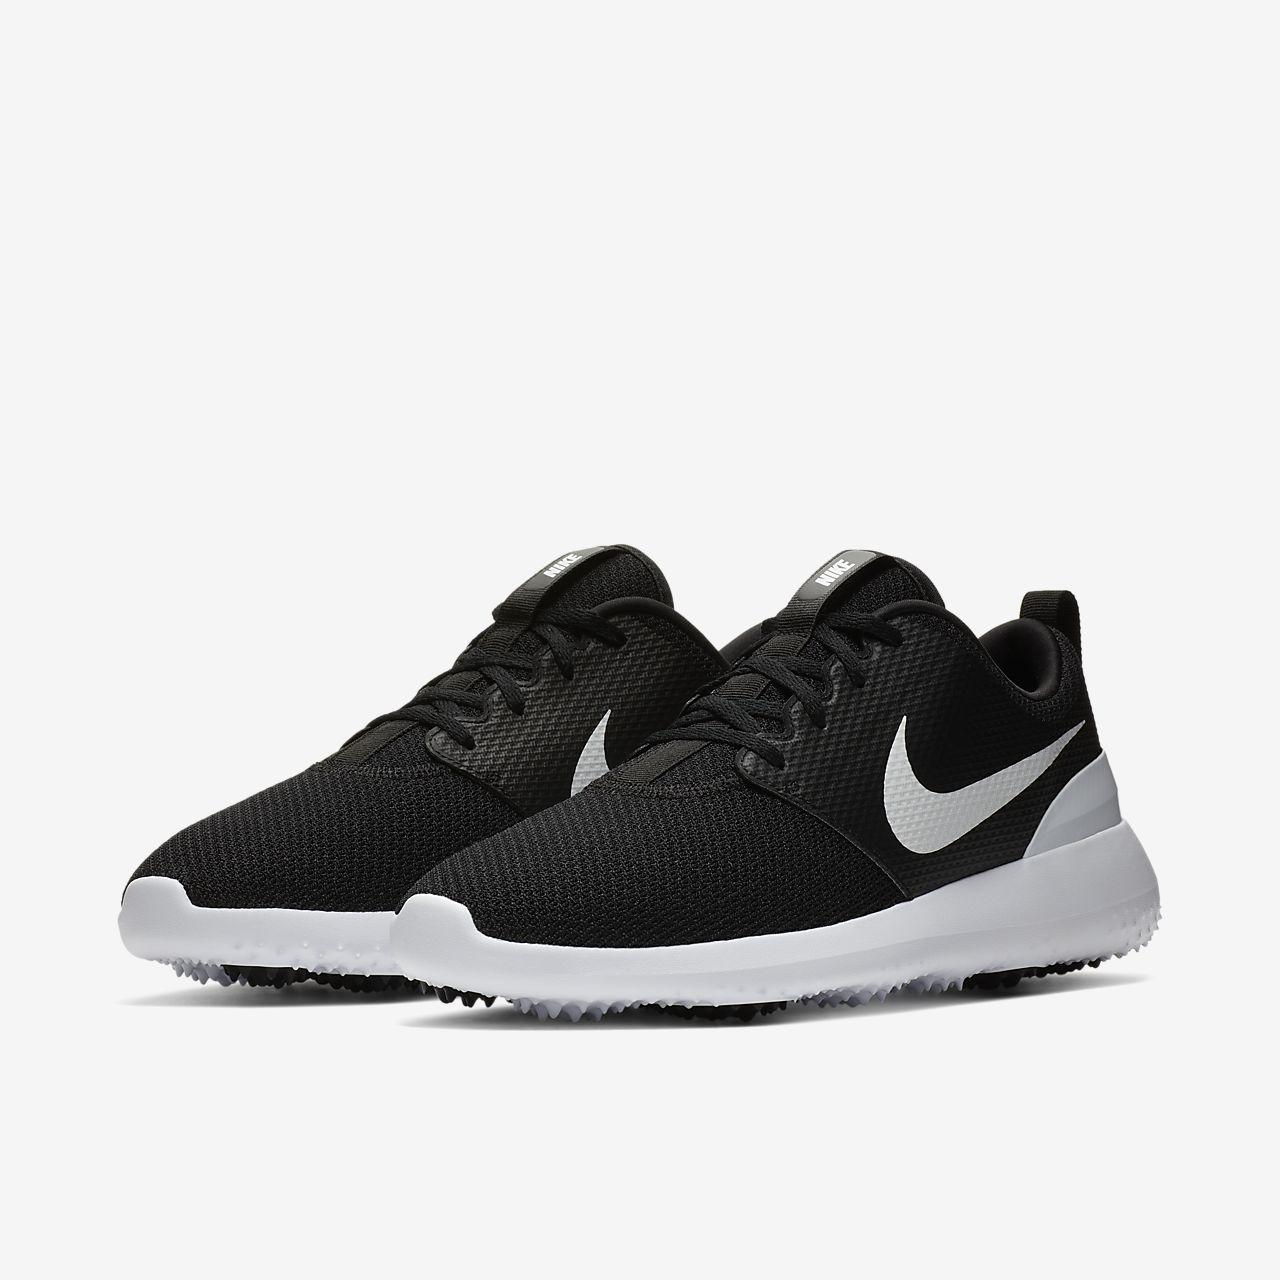 Nike SB Nike Store Herren Schuhe | Nike Roshe One Retro